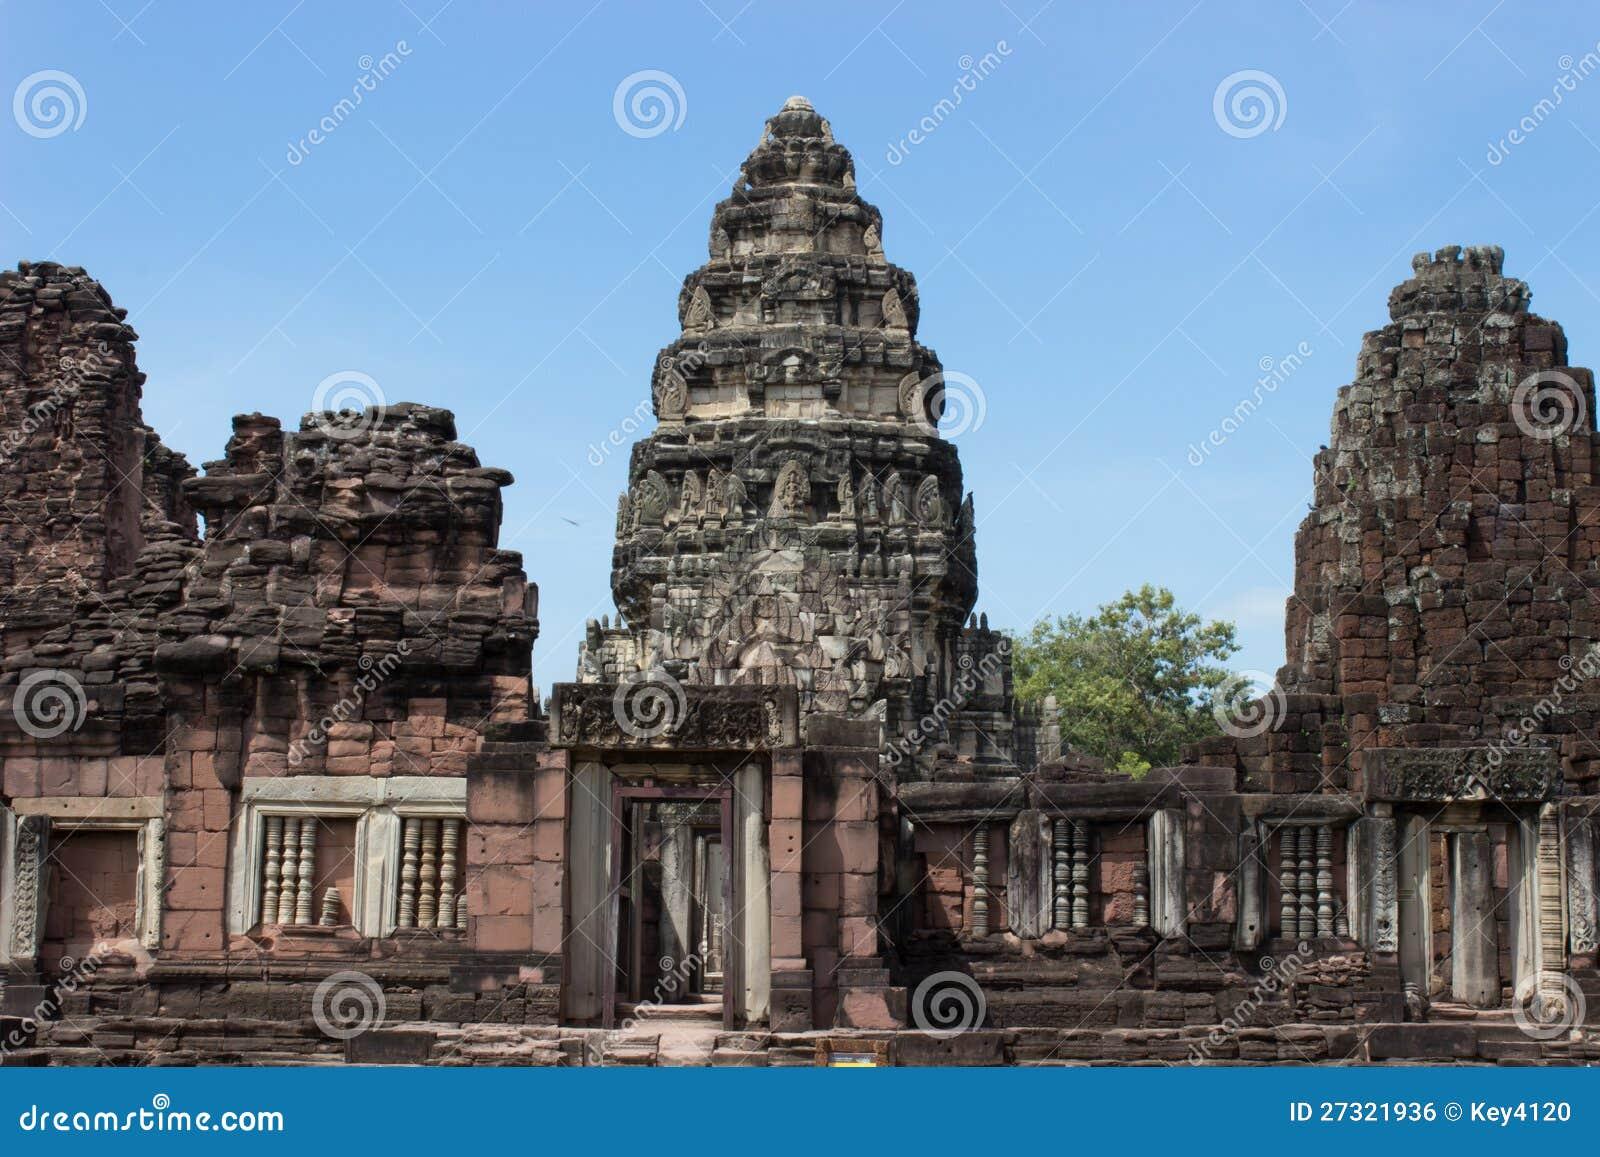 Old Stone Pillars : Old stone pillars stock photo image of historic ruin